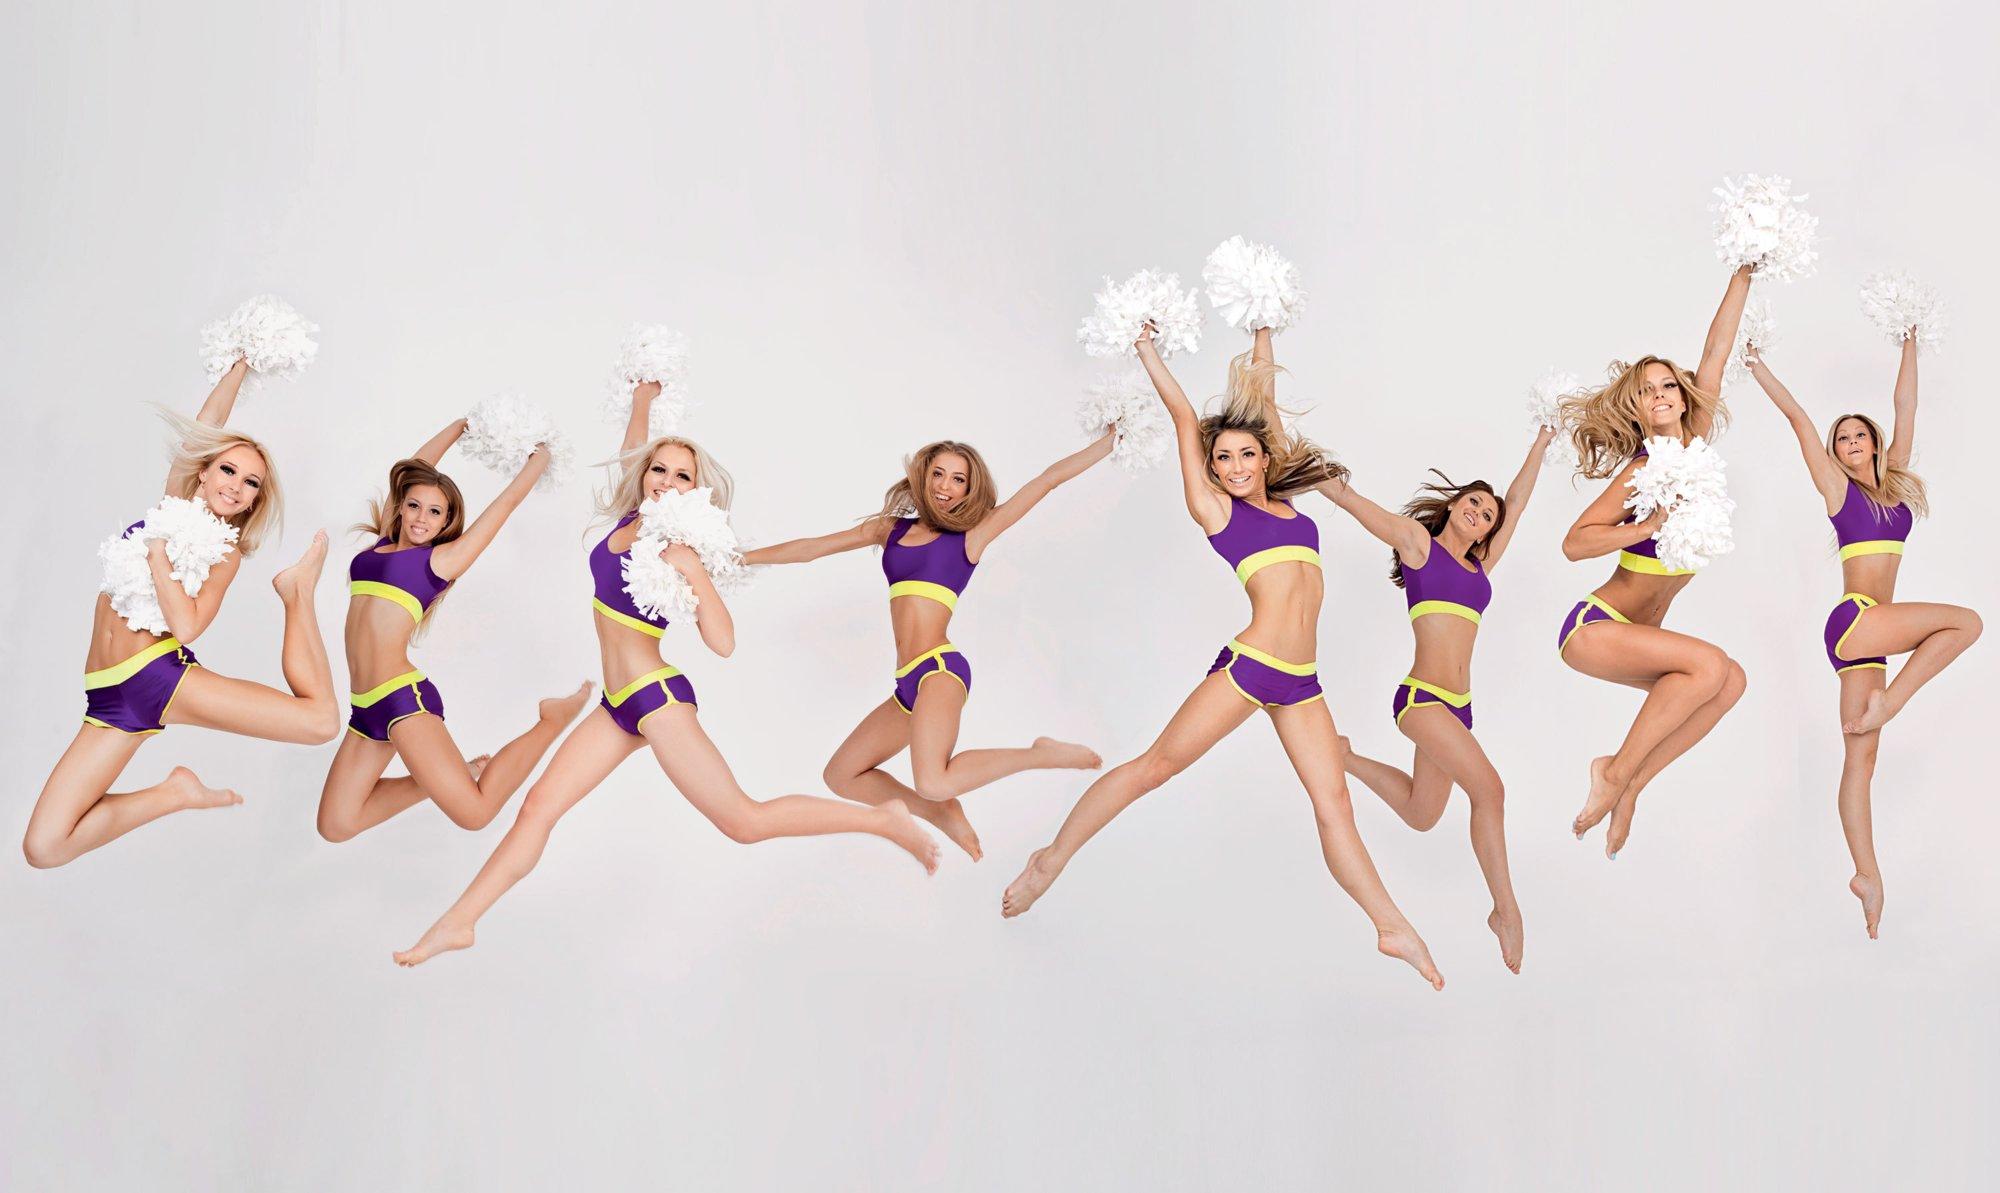 Cheer Weekend: яскраве шоу для тих, хто вміє вболівати за улюблену команду